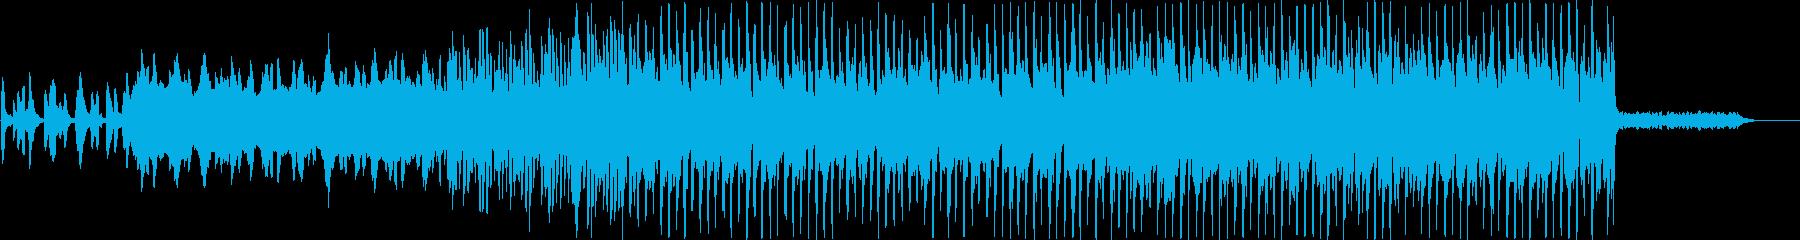 未来っぽいBGMの再生済みの波形